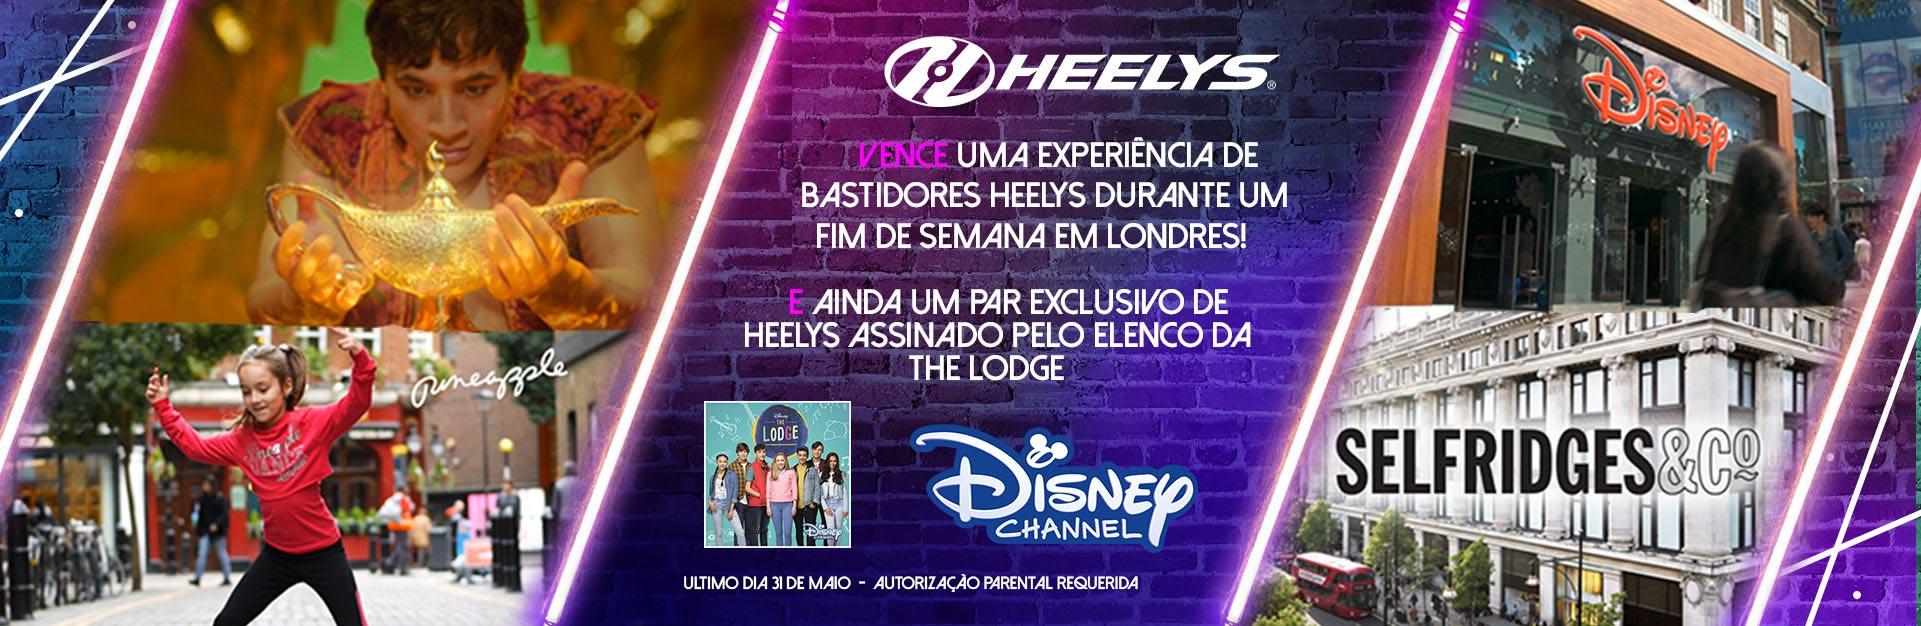 Vence uma experiência de bastidores Heelys durante um fim de semana em Londres!